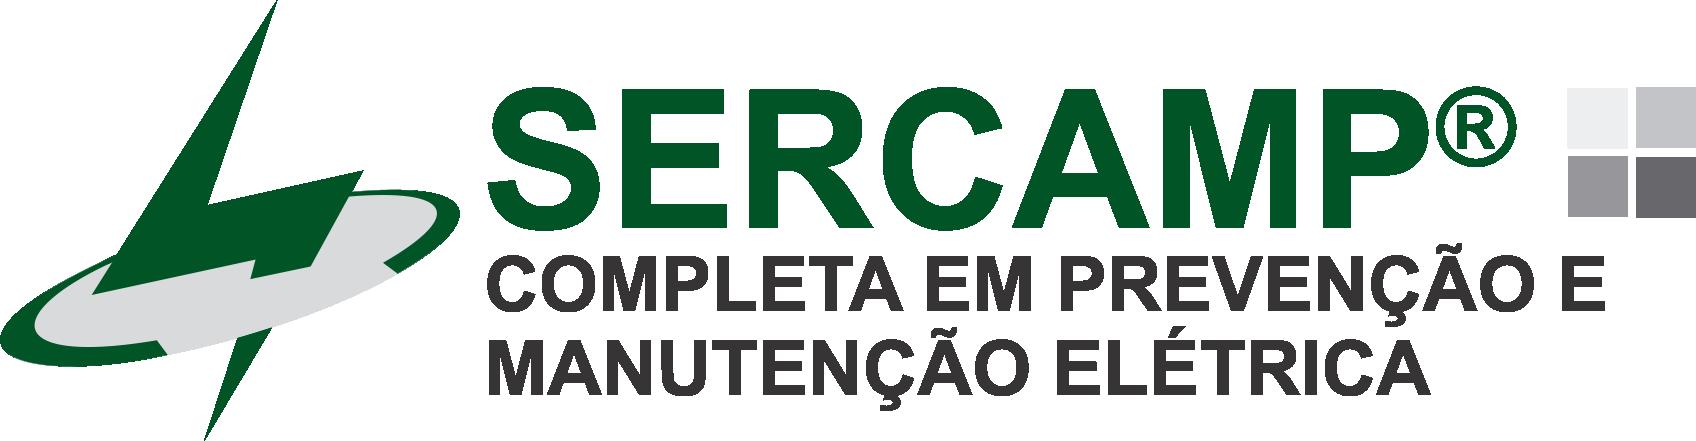 logo_sercamp4